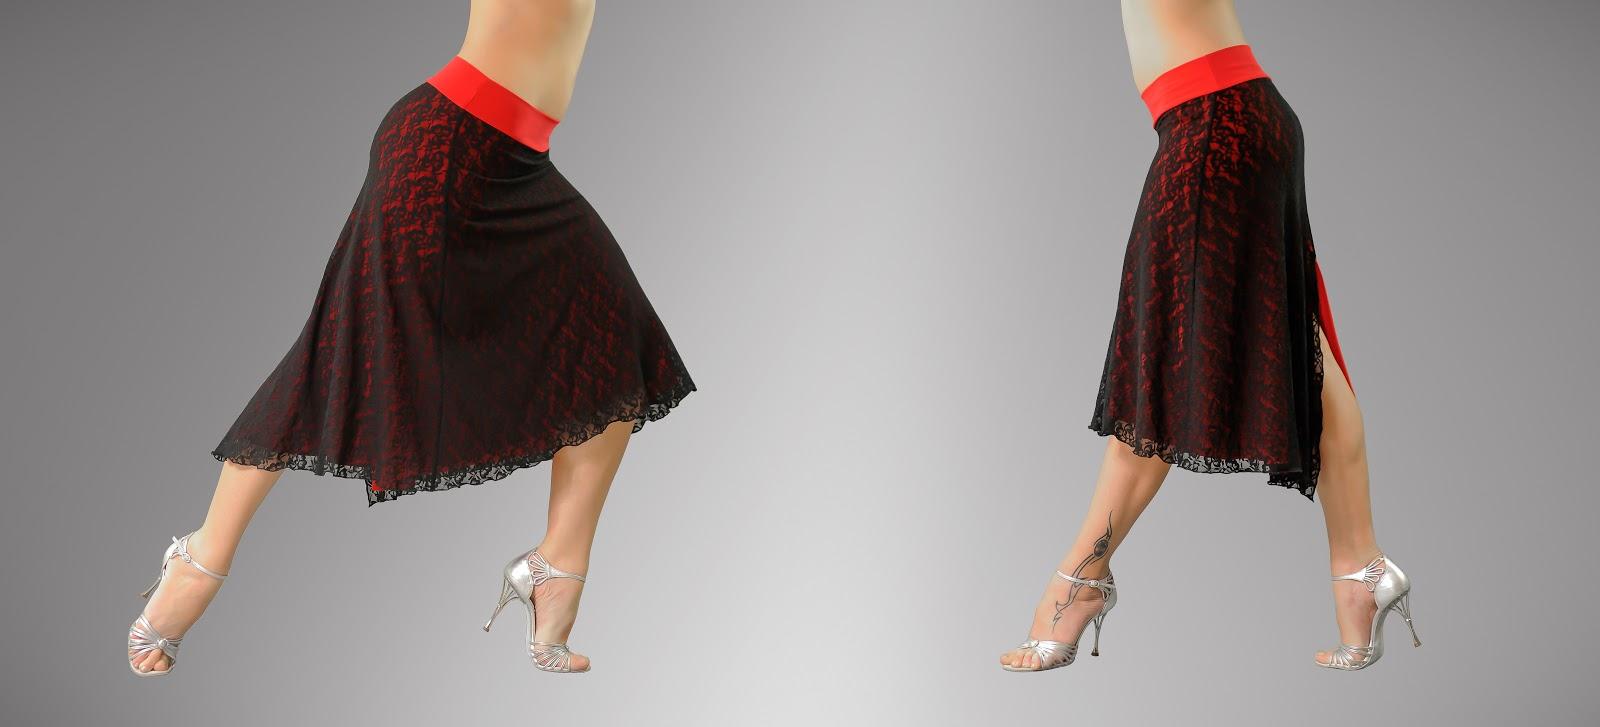 Юбка танго своими руками